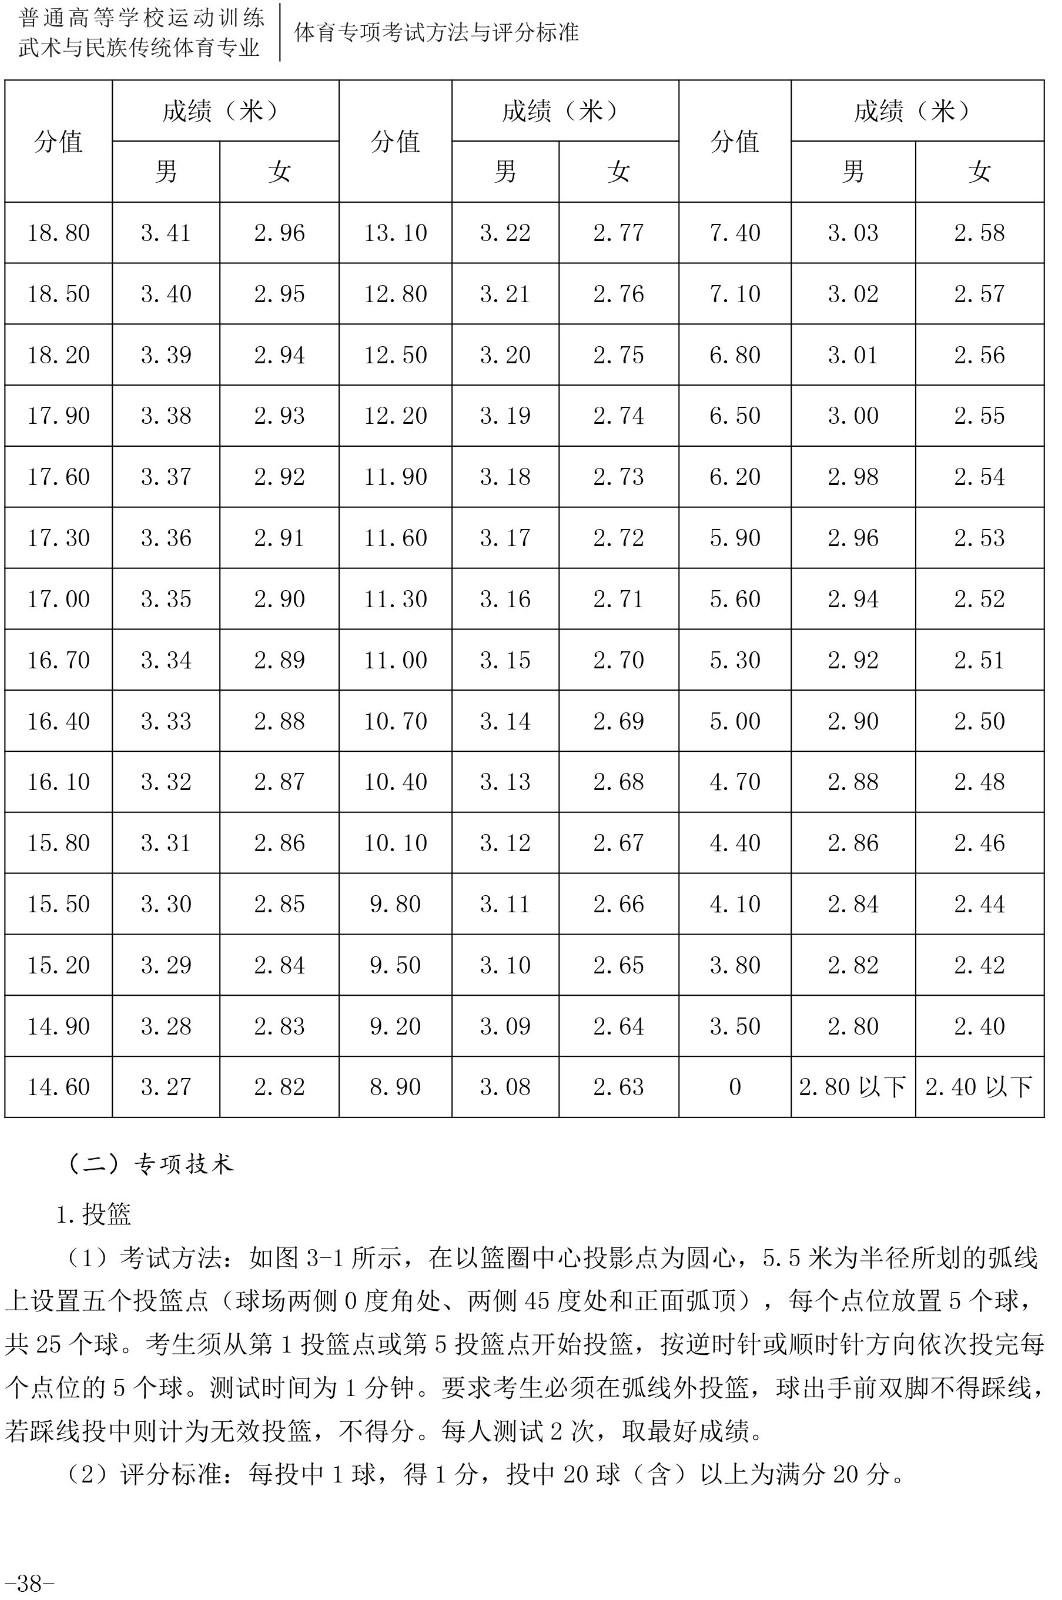 2020年体育单招专项(篮球)考试与评分标准